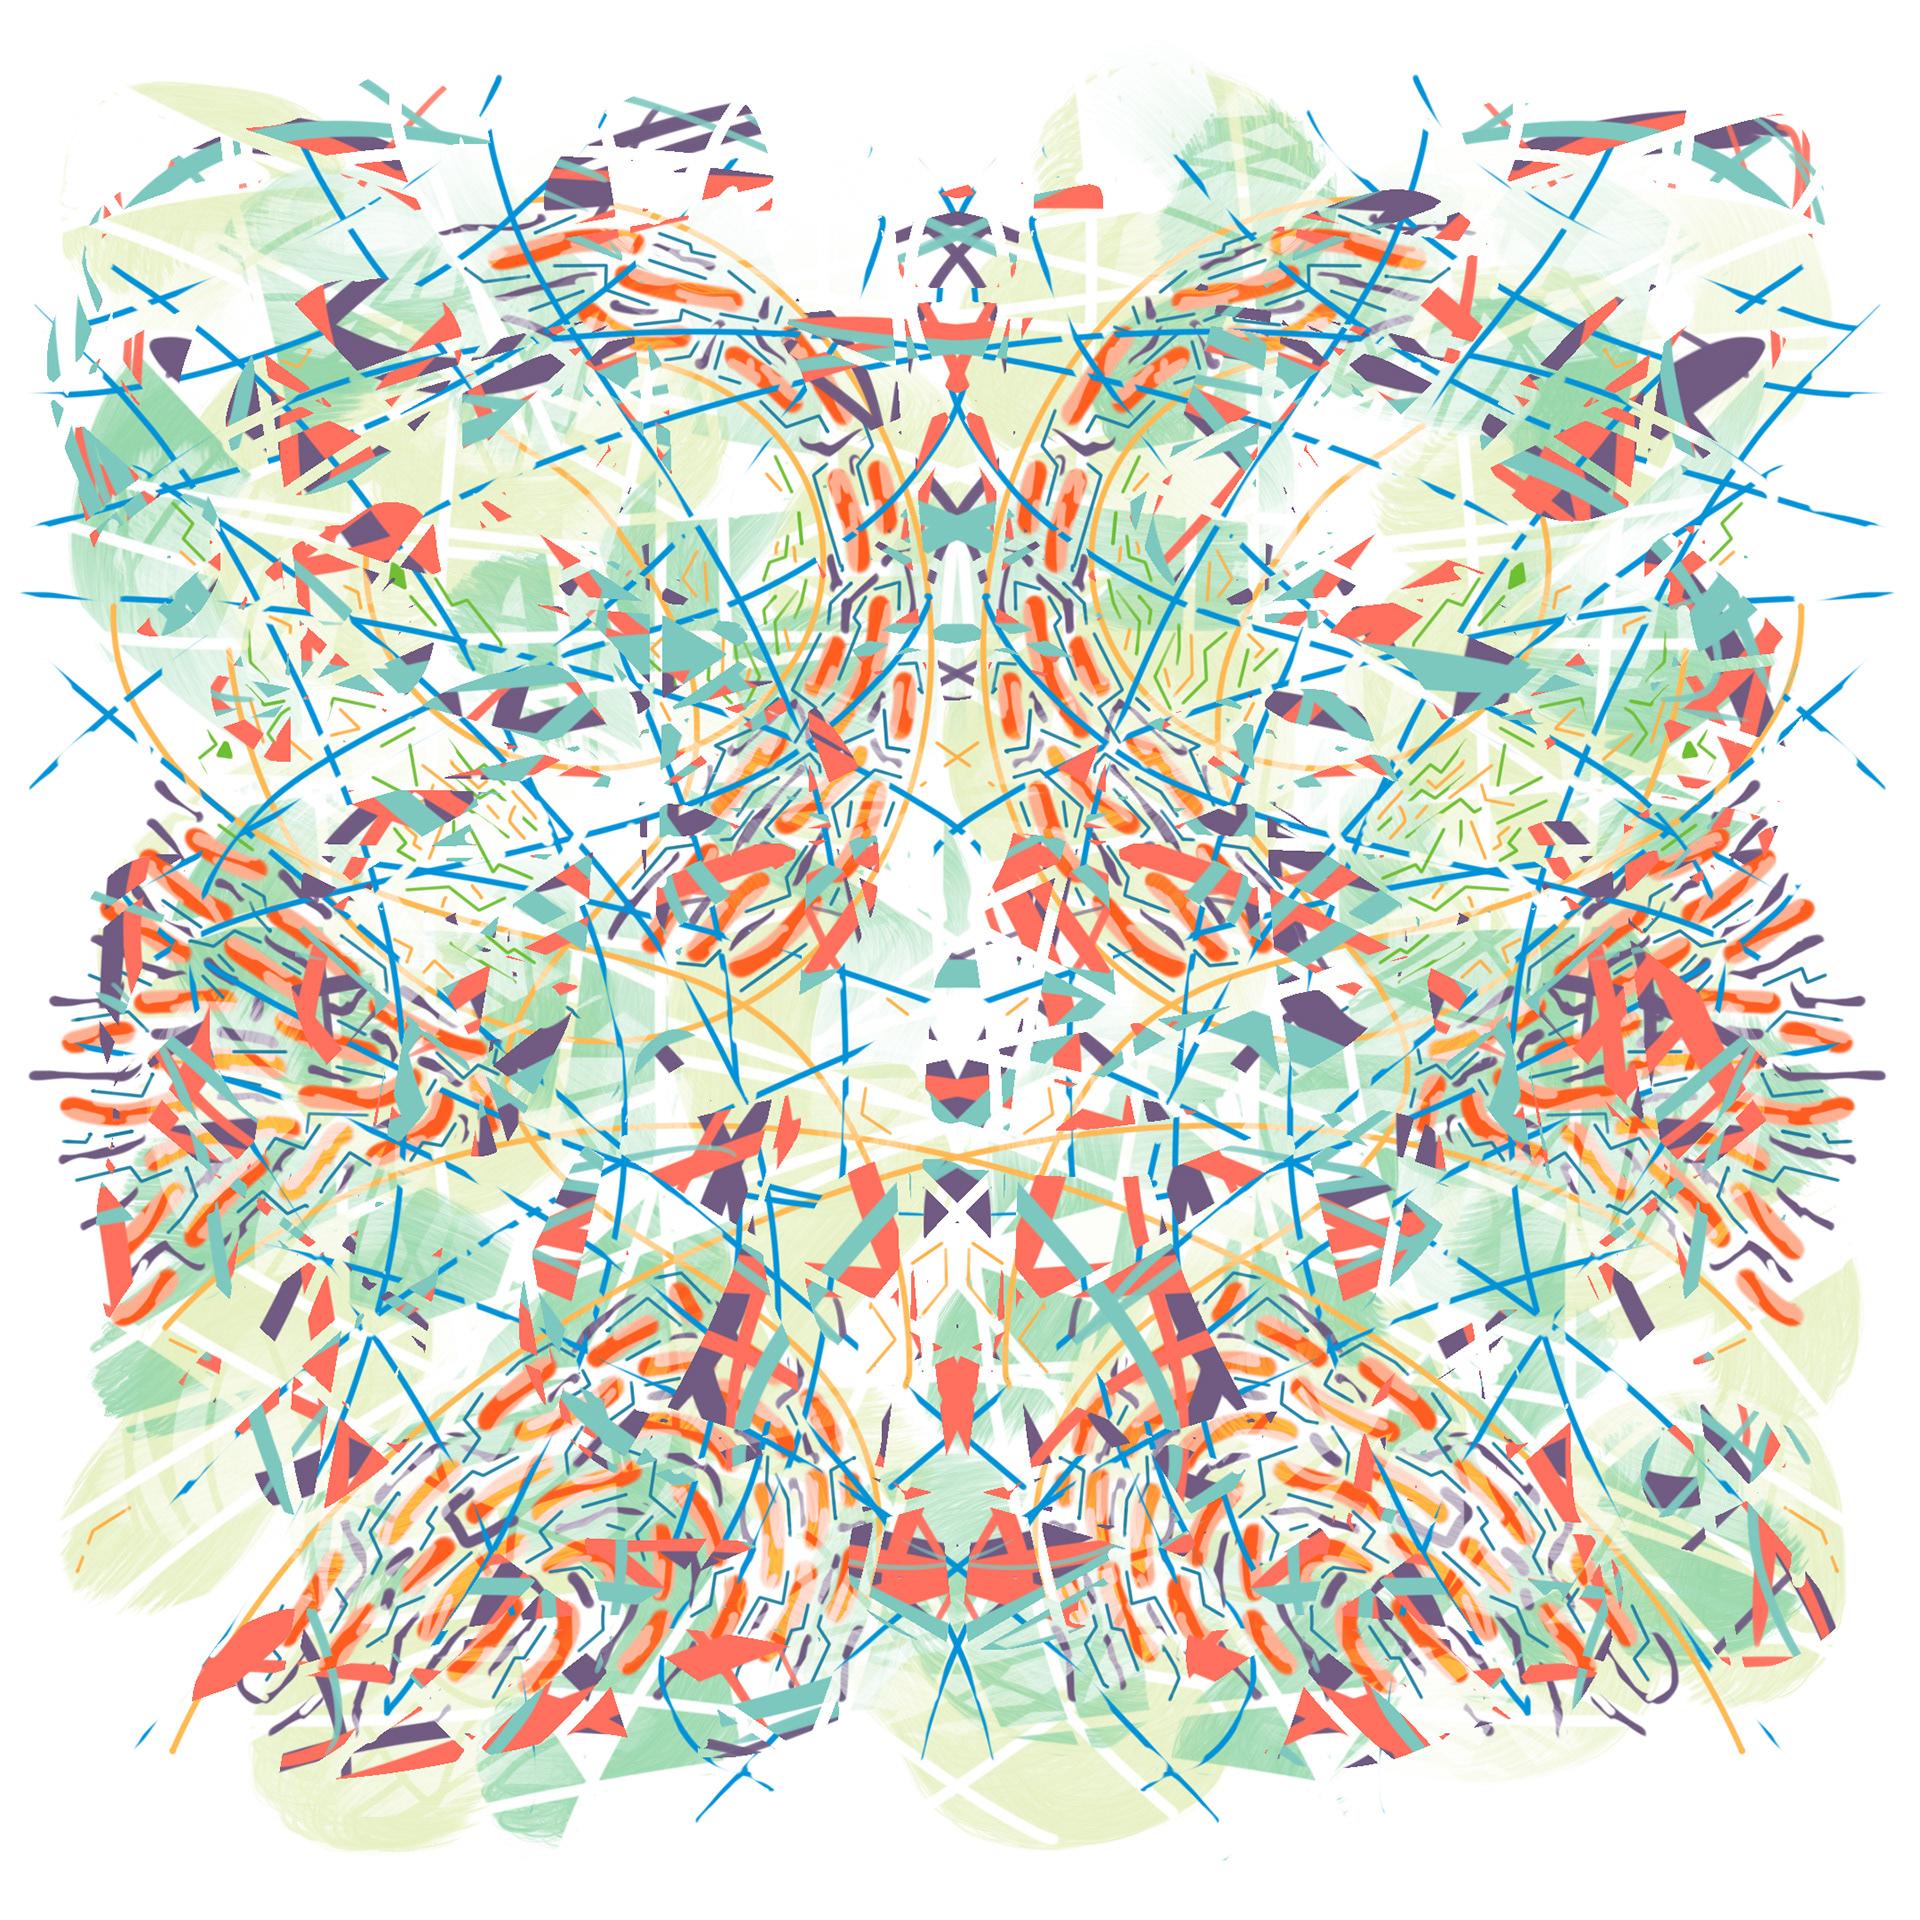 plancul-paris avis site de rencontre numerik art